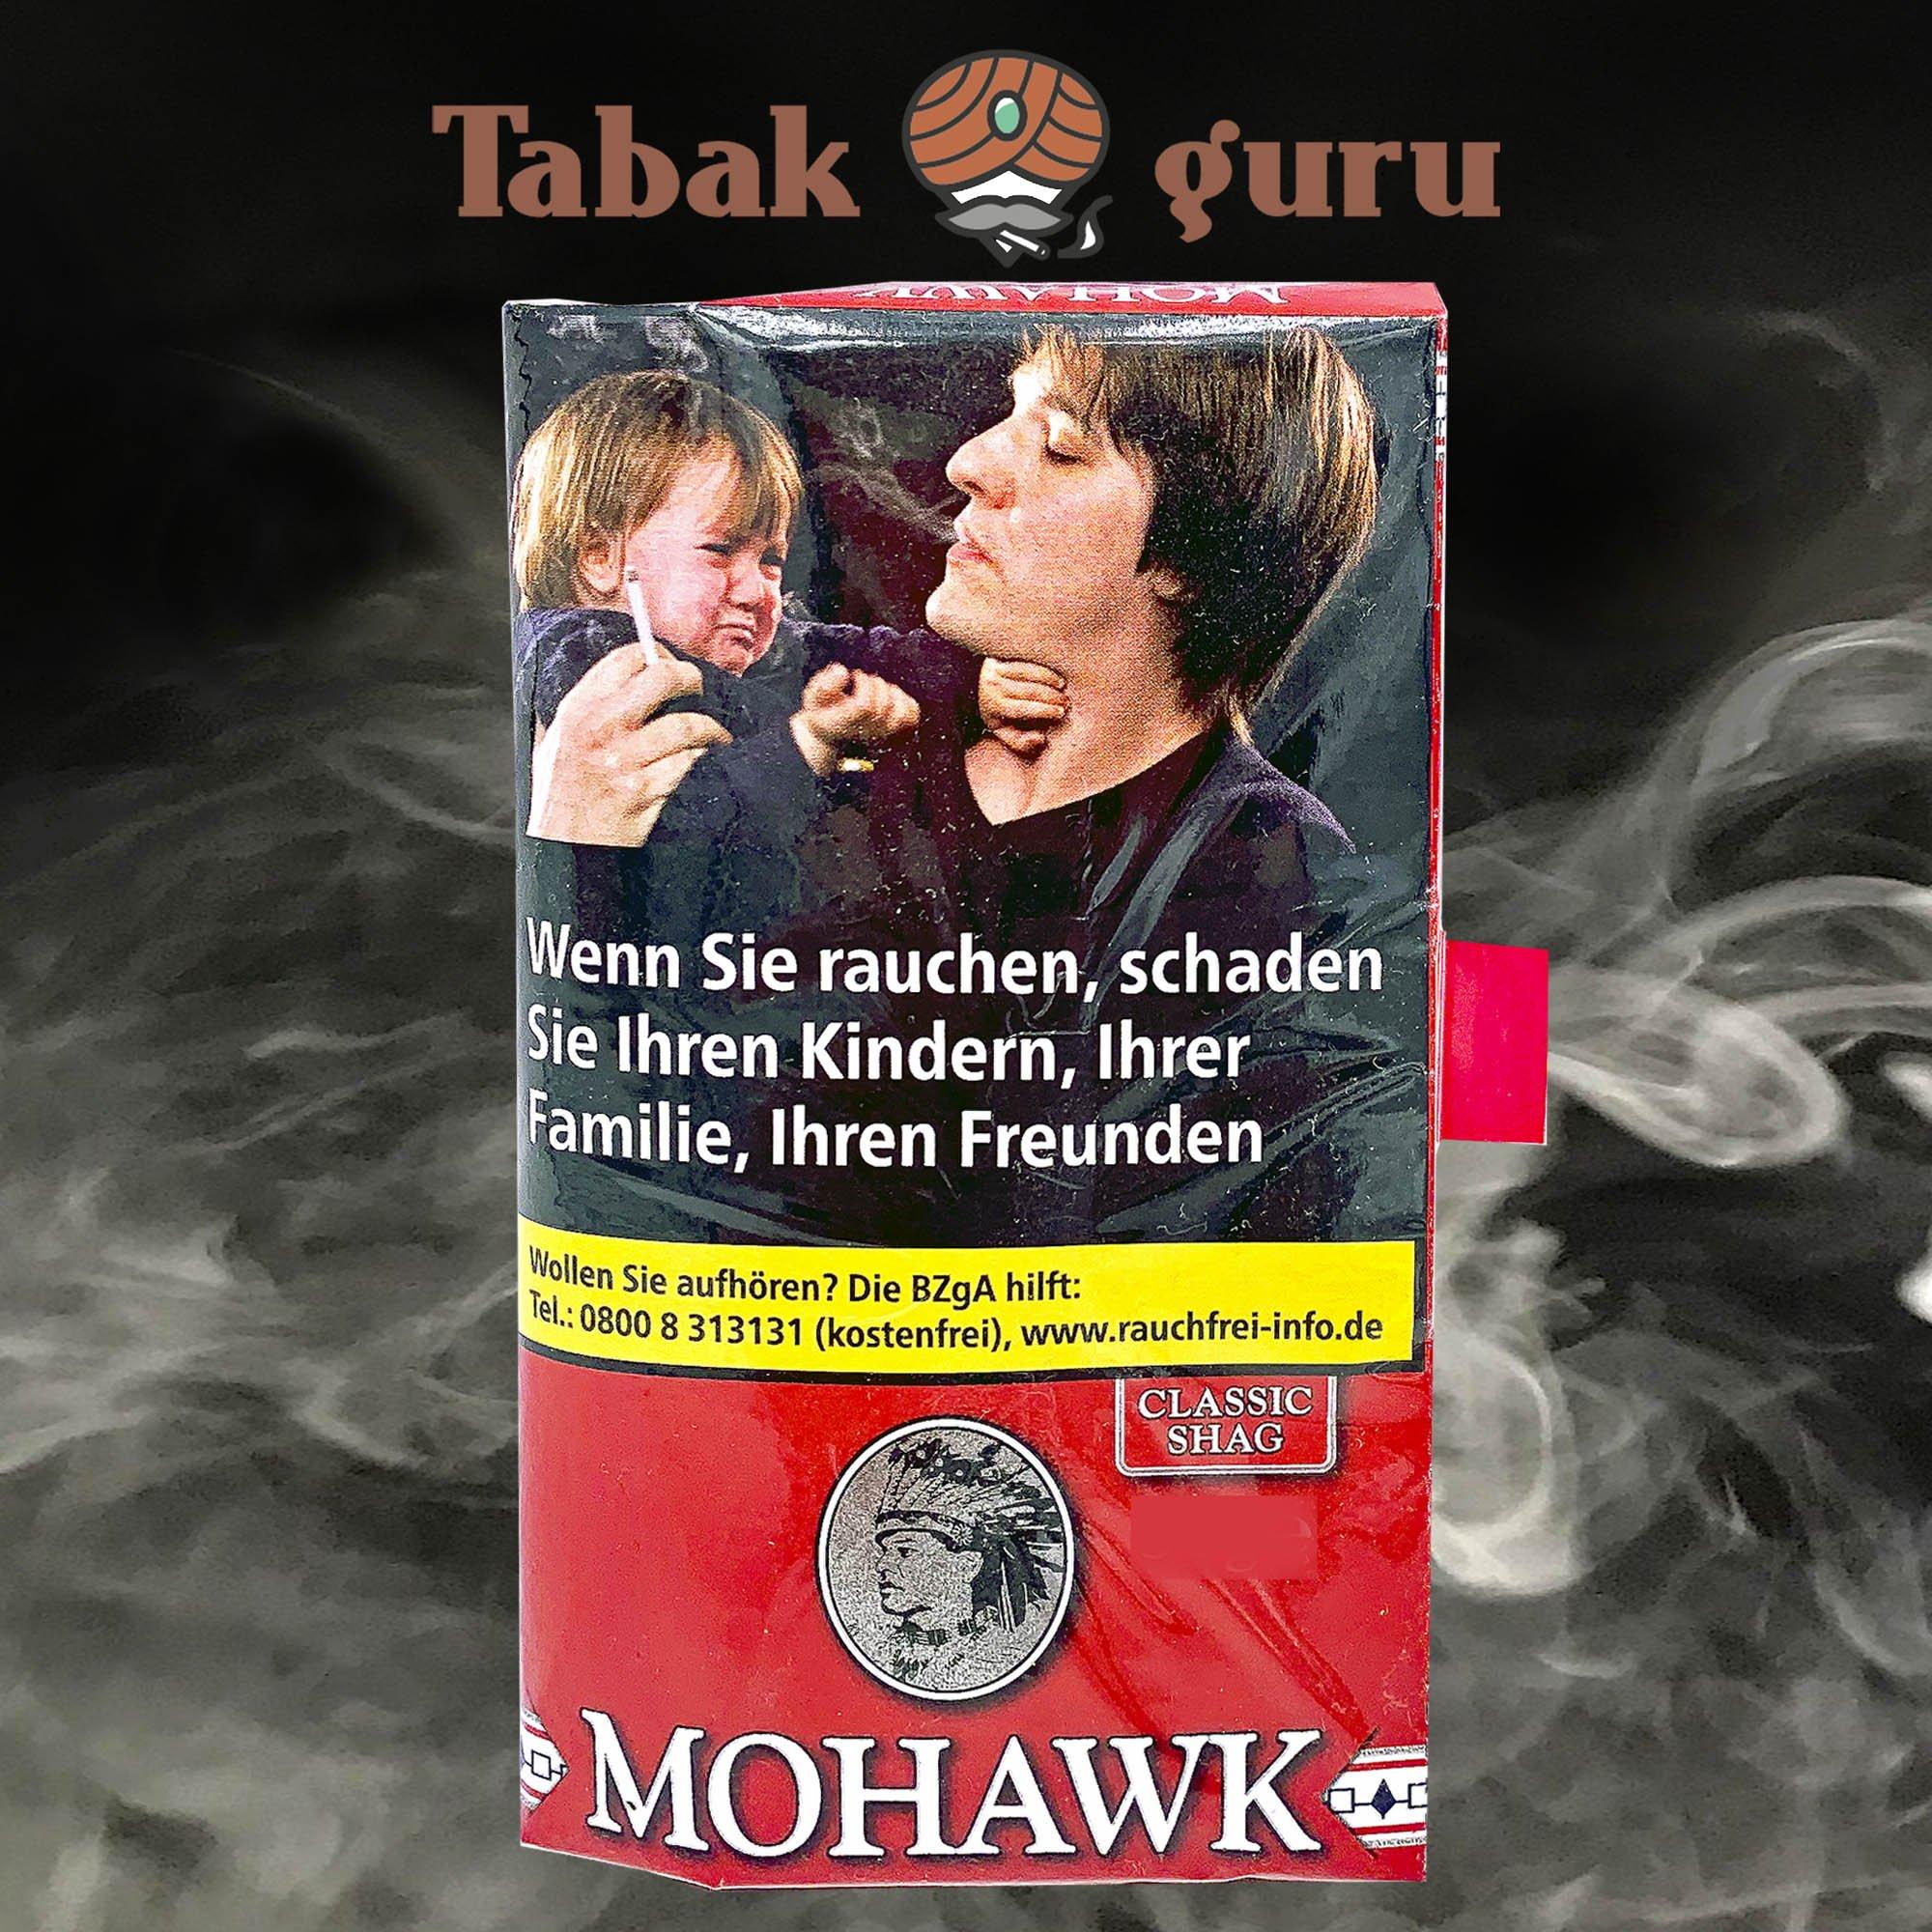 Mohawk Classic Shag Red